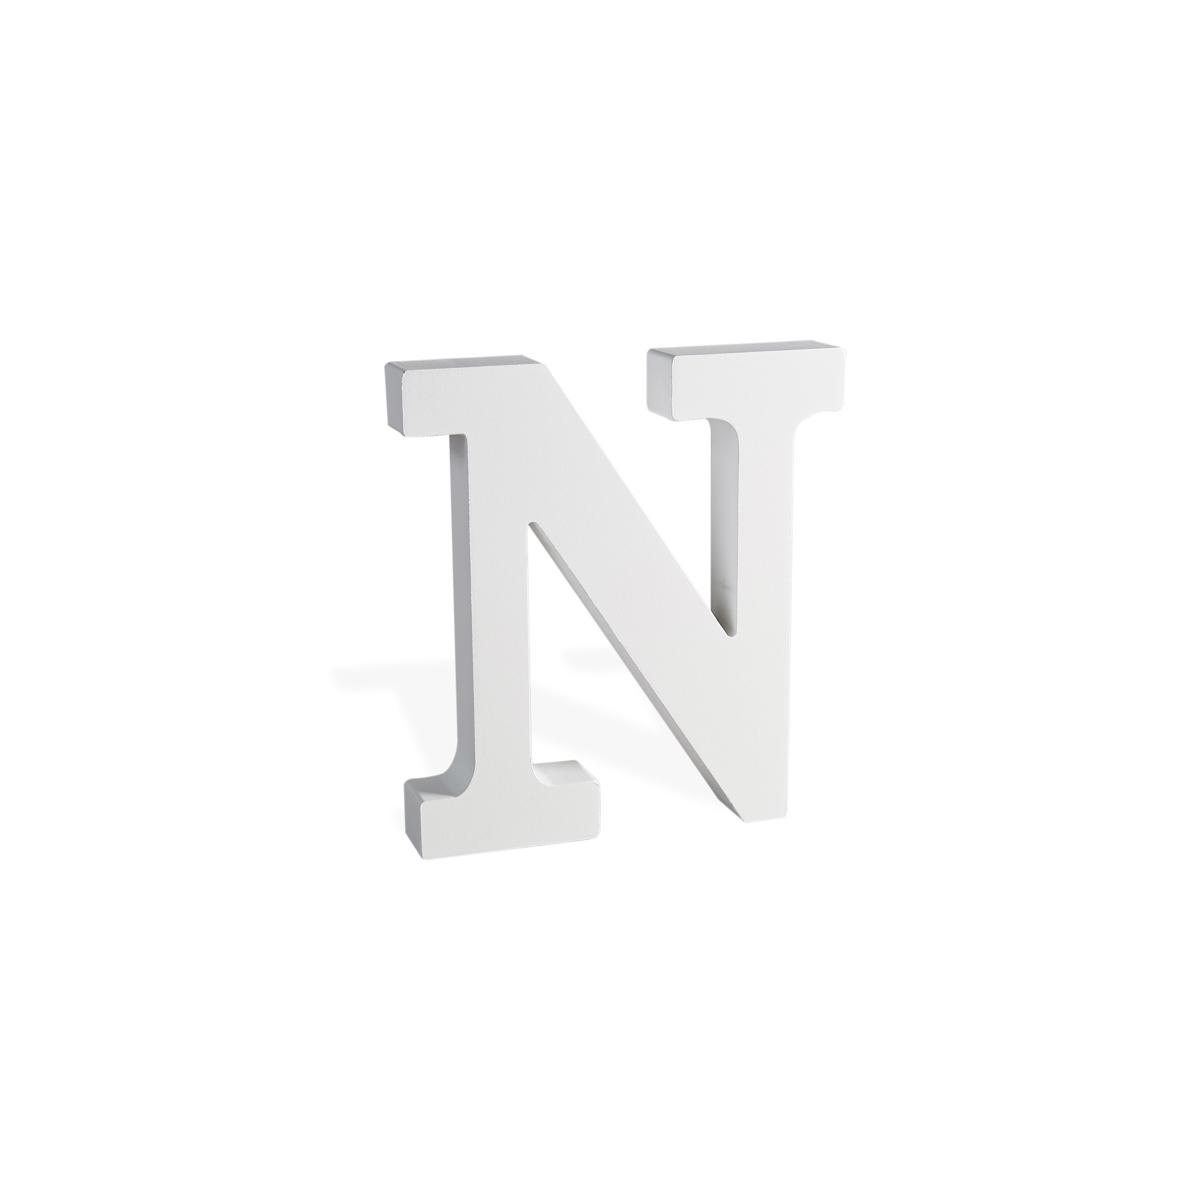 بالصور صور حرف ن , صور رائعة جديدة لحرف النون 1744 7